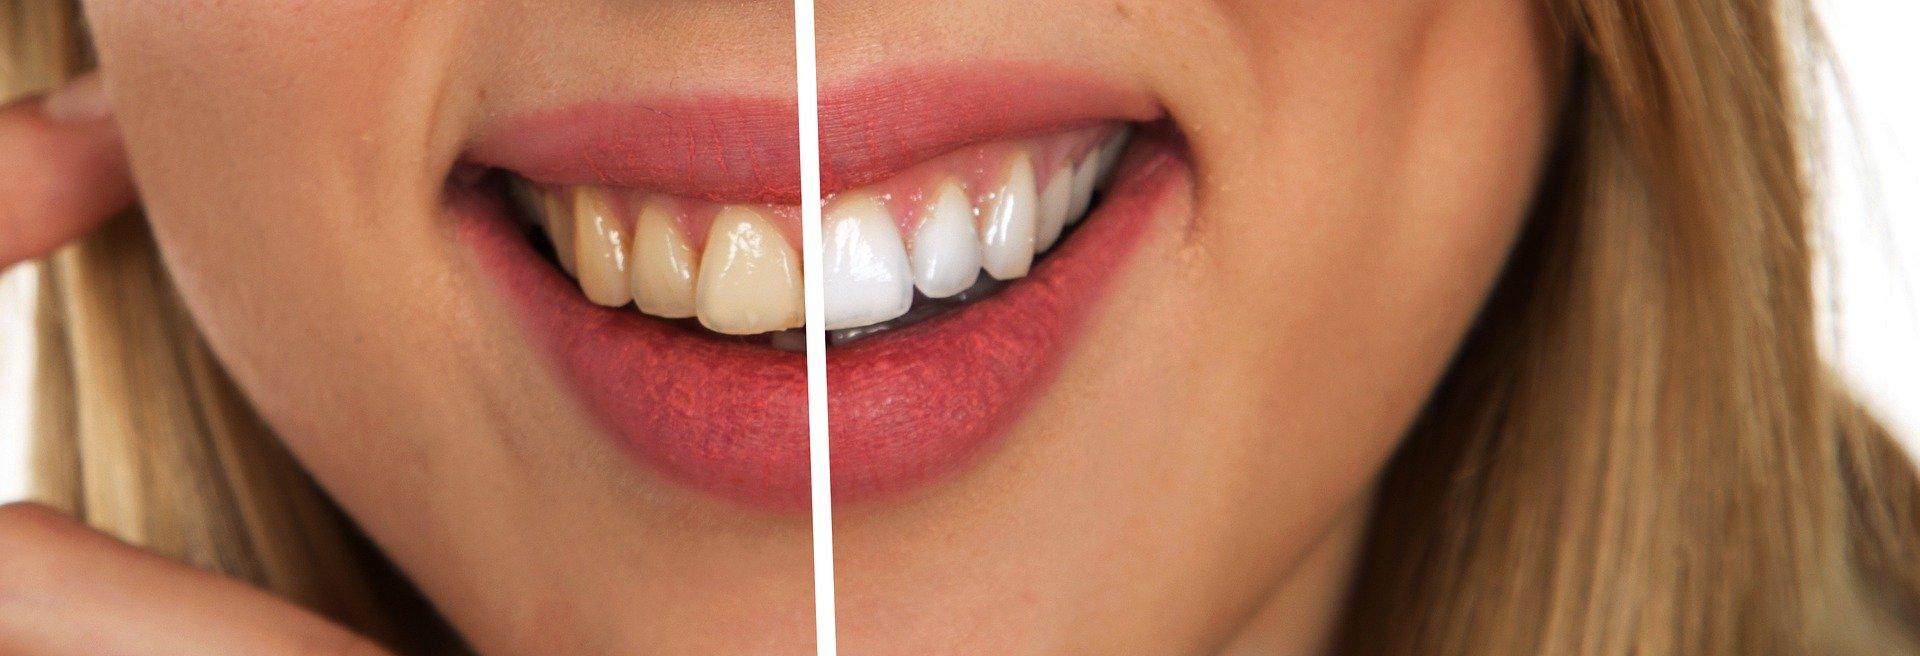 Wybielanie zębów - efekty